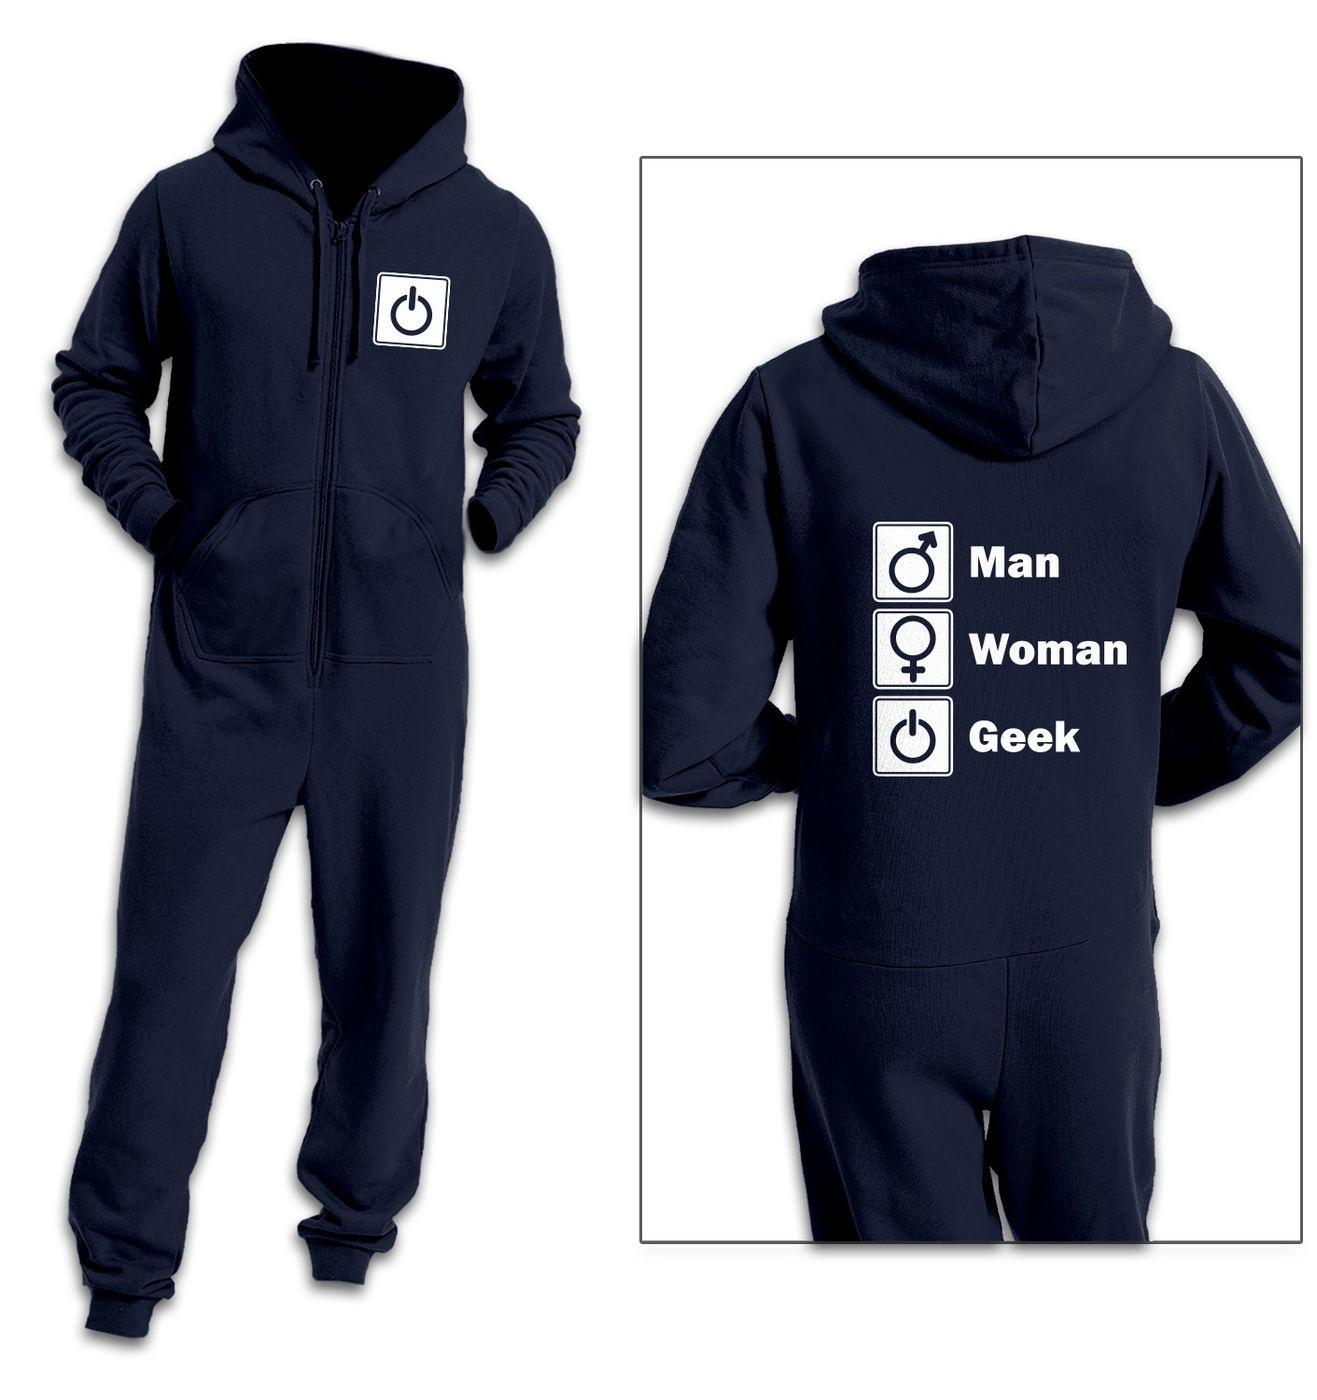 Man Woman Geek adult onesie by Something Geeky